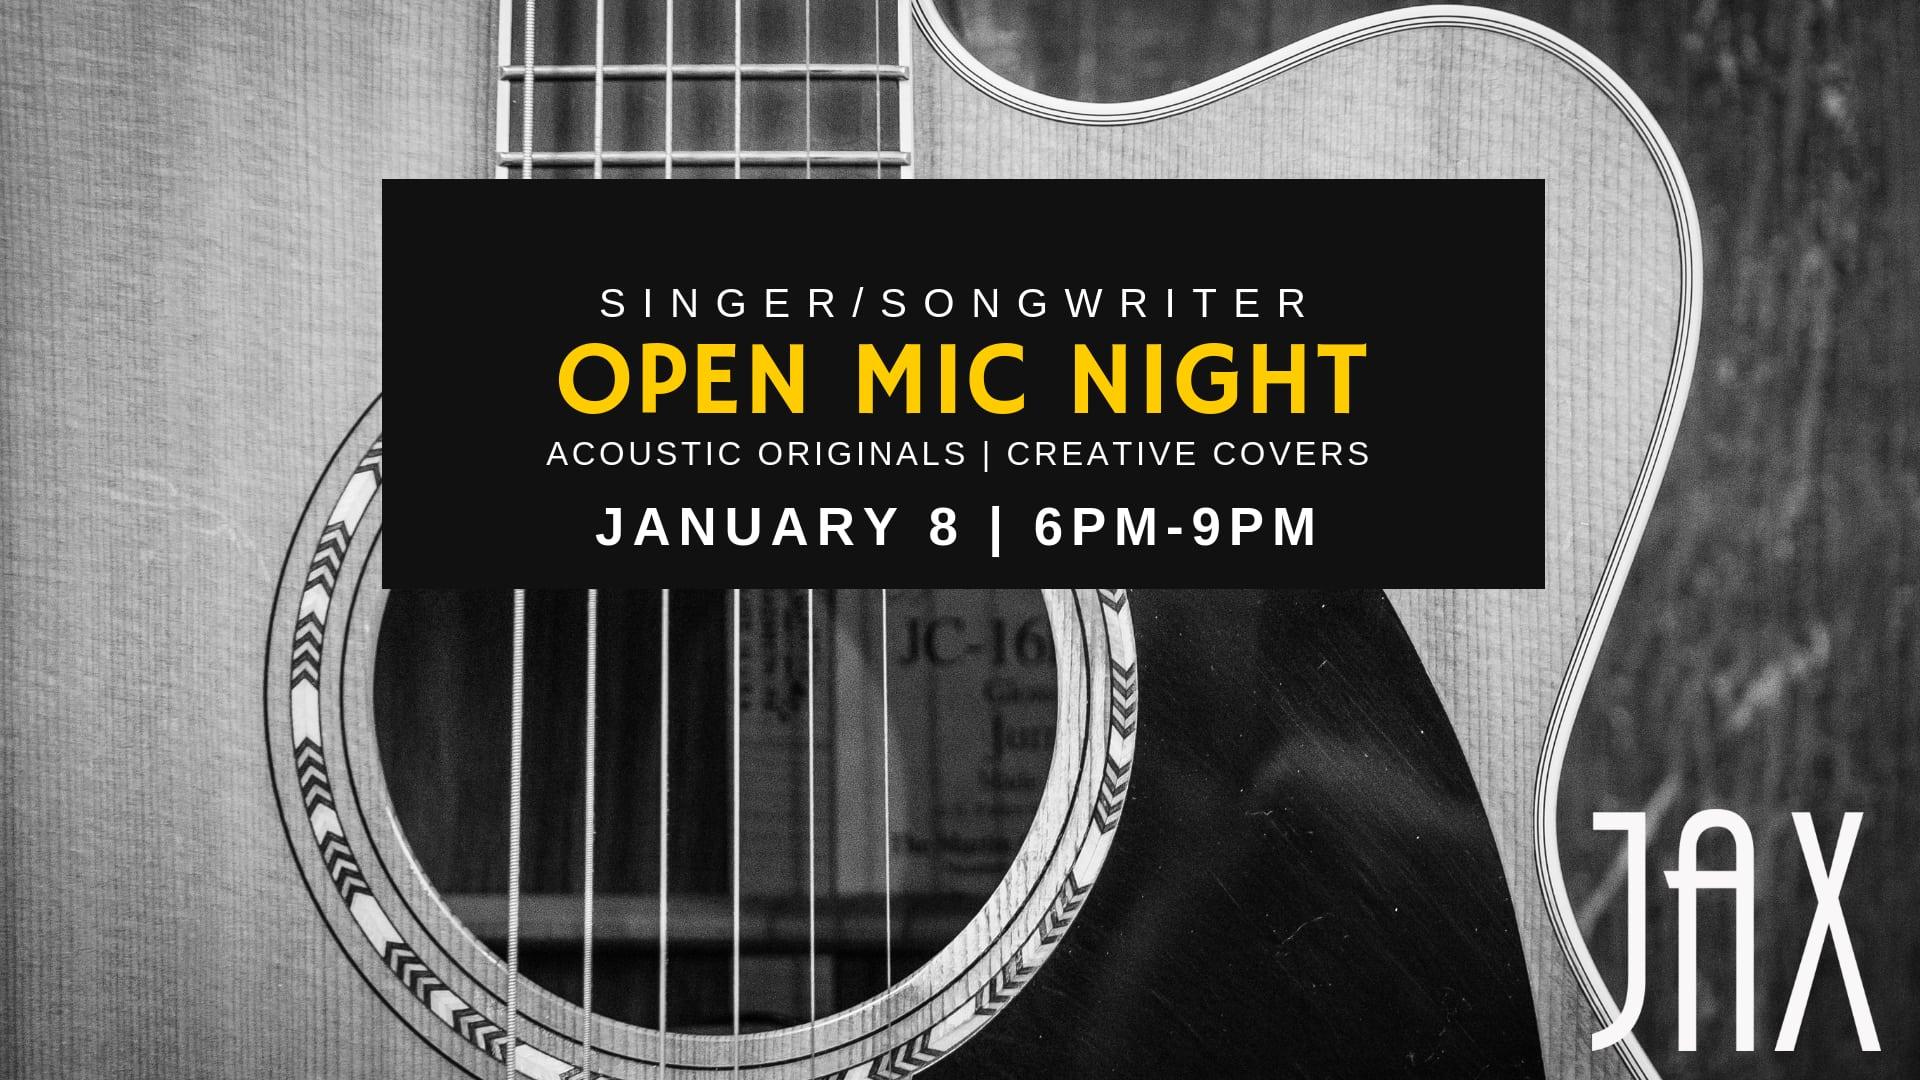 January 8 | SINGER/SONGWRITER OPEN MIC NIGHT